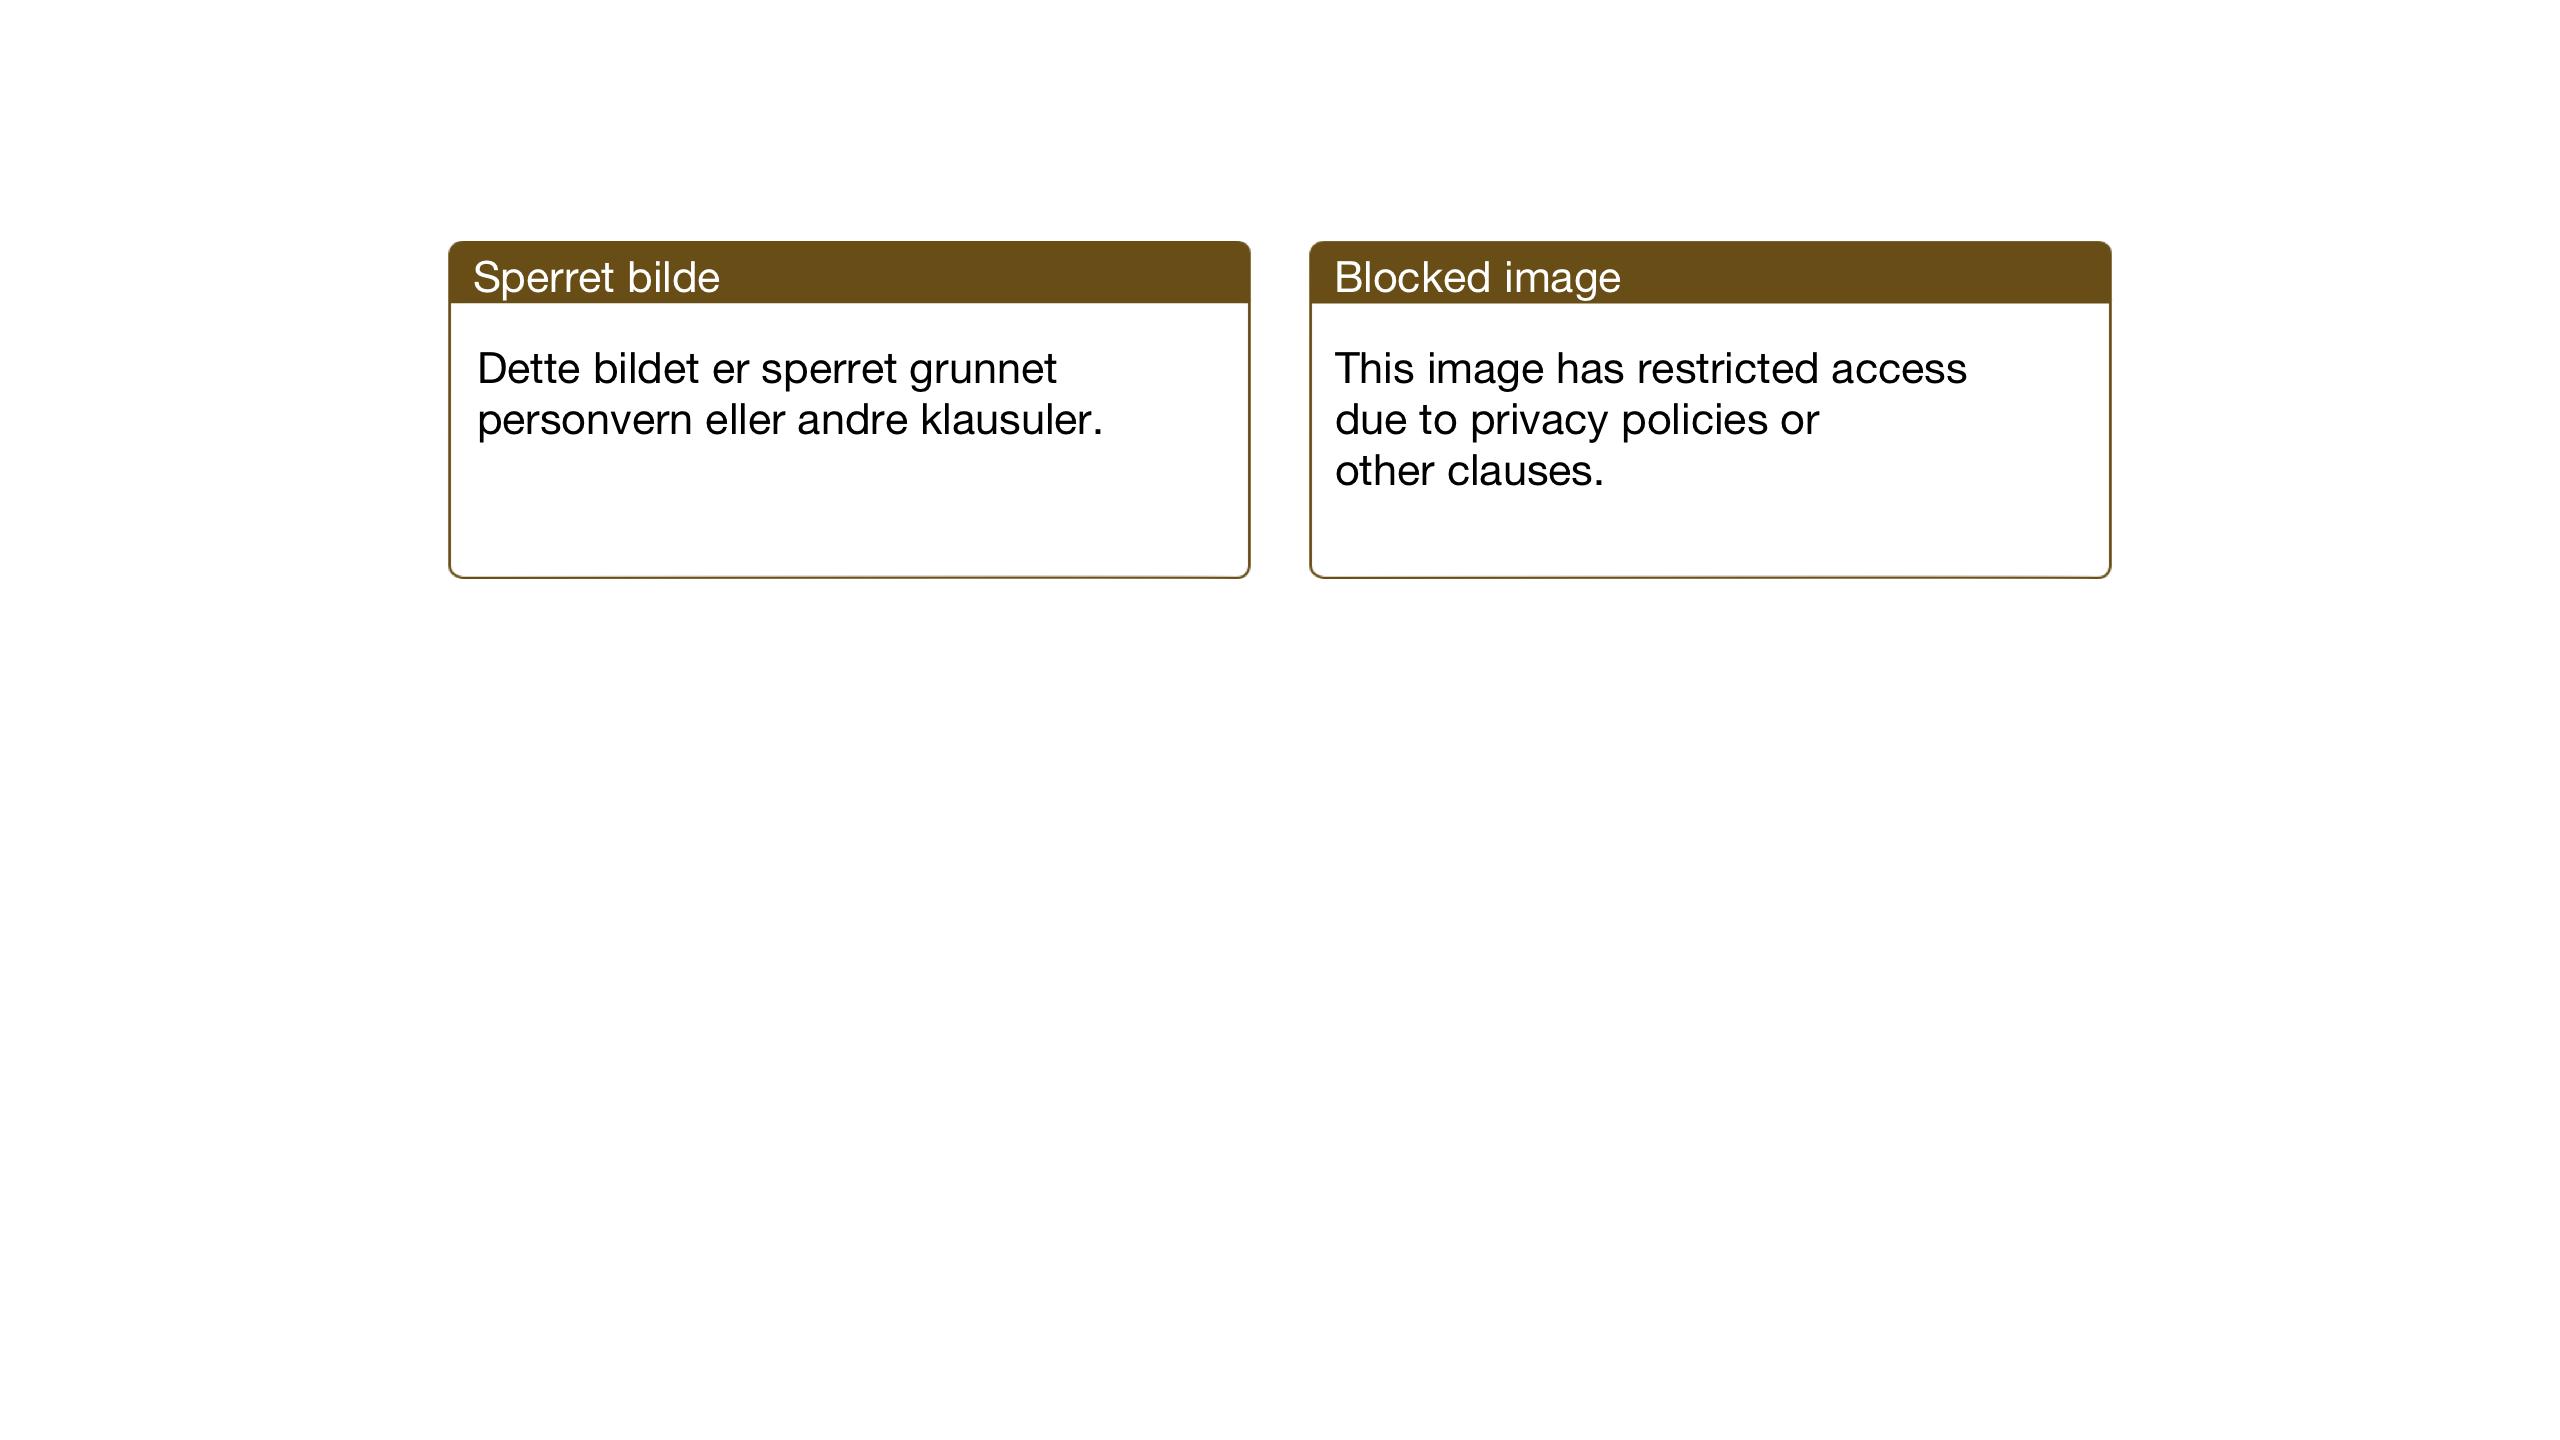 SAT, Ministerialprotokoller, klokkerbøker og fødselsregistre - Nord-Trøndelag, 701/L0019: Klokkerbok nr. 701C03, 1930-1953, s. 206